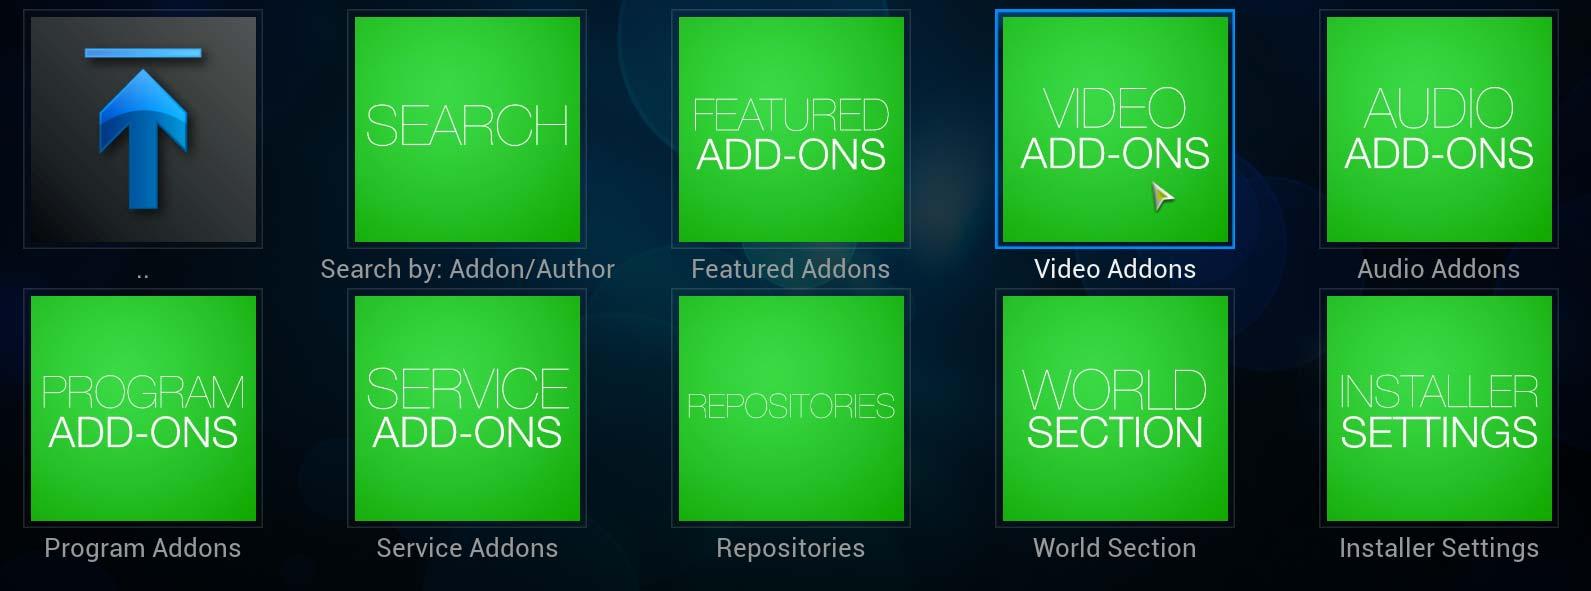 addon-installer-menu